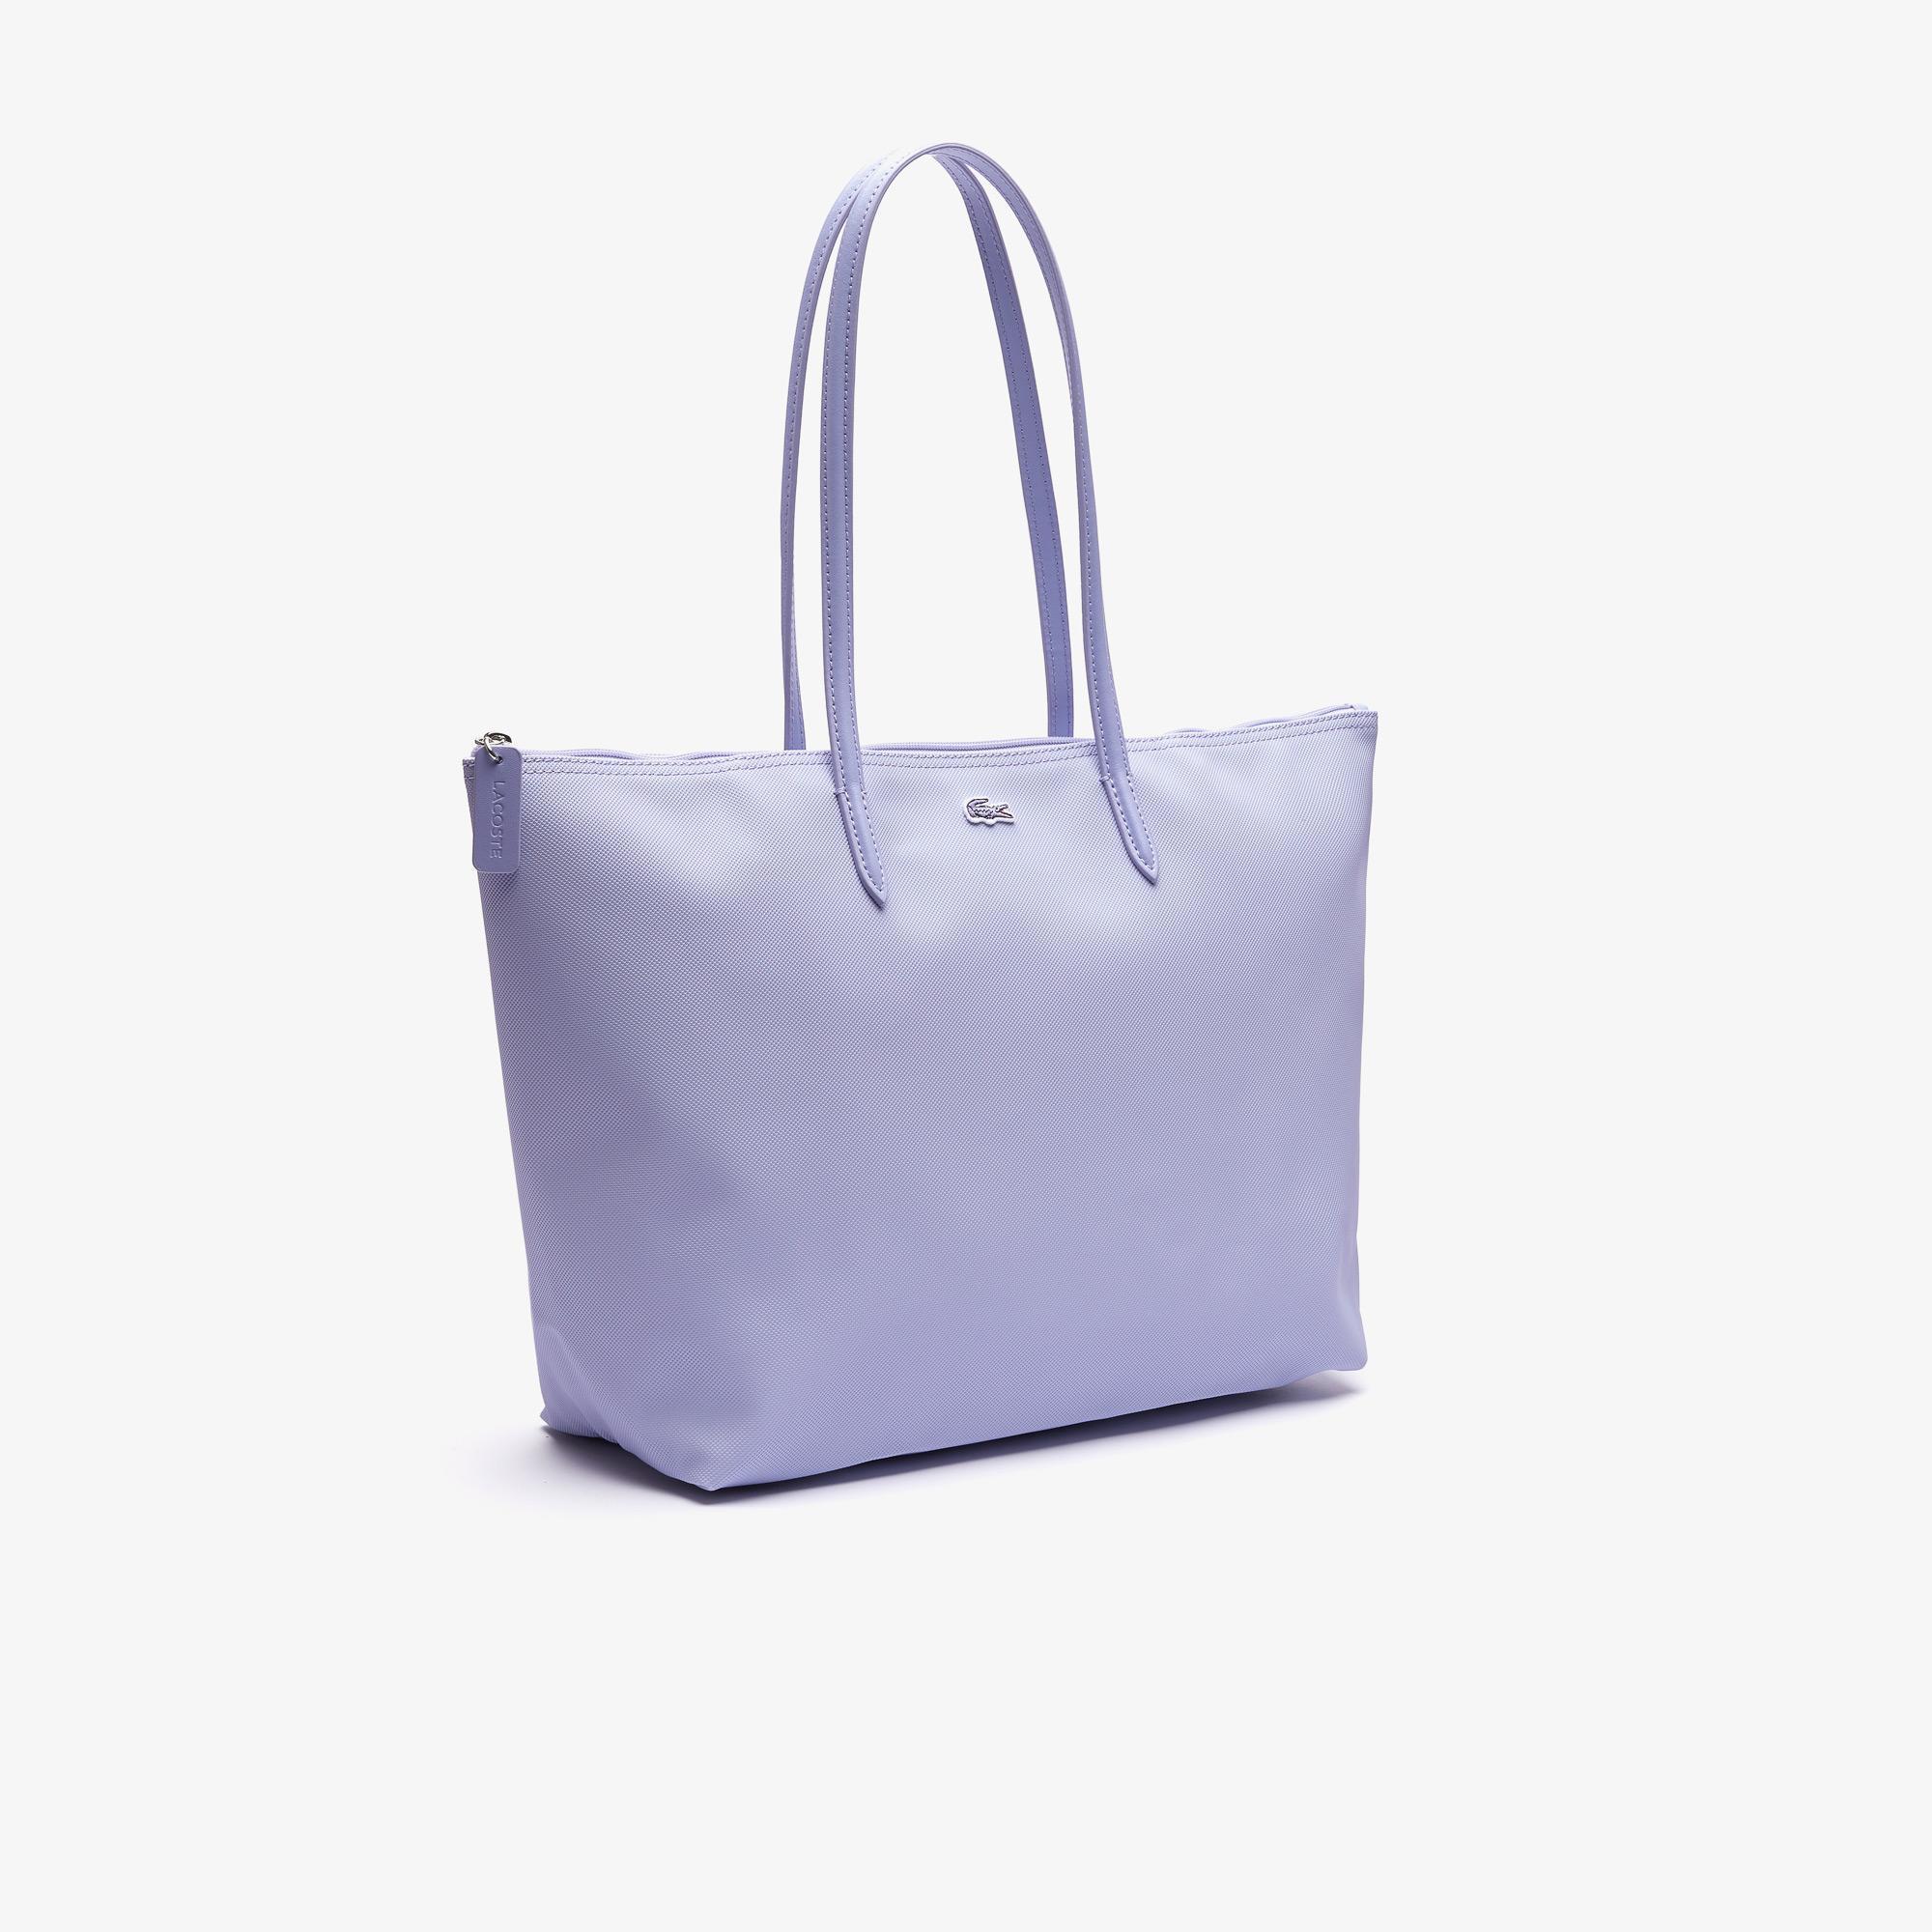 Lacoste Damska torebka tote bag z zamkiem błyskawicznym L.12.12